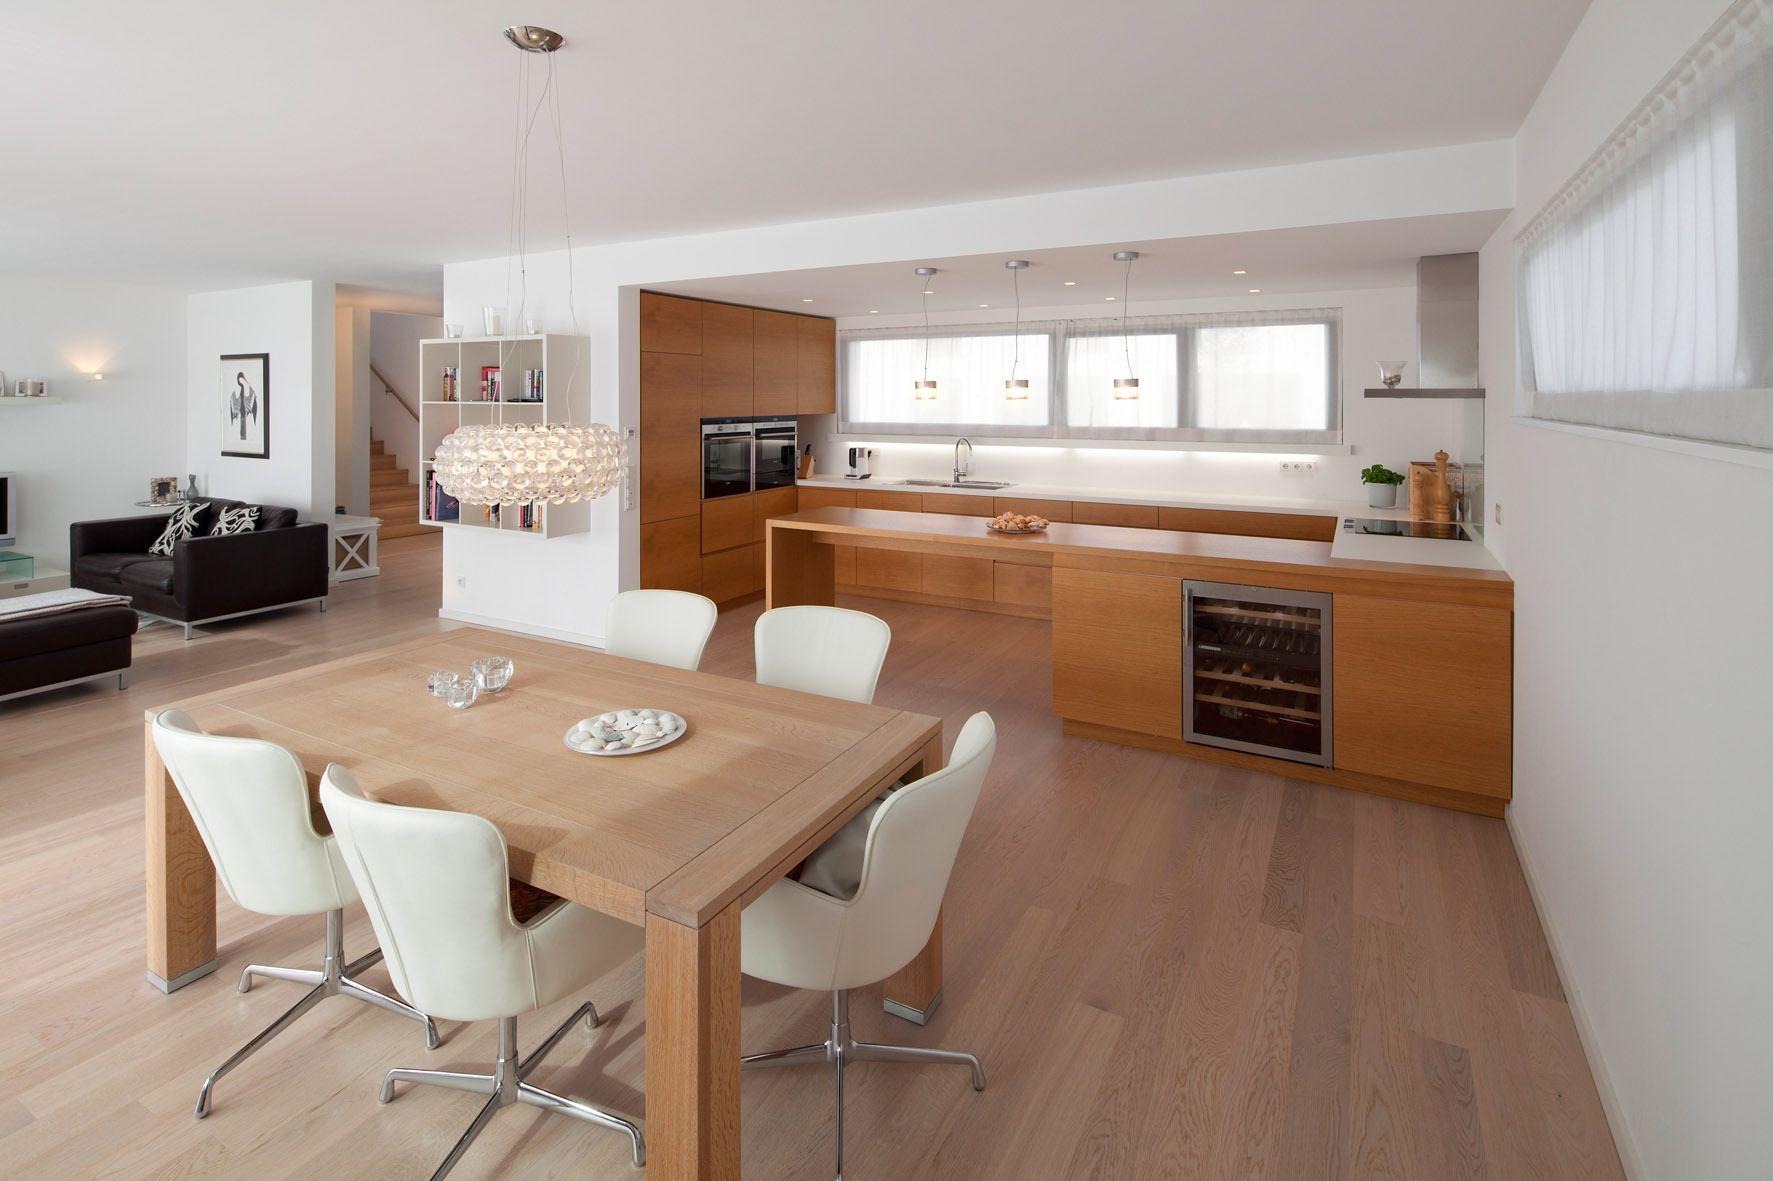 offener wohn essbereich mit durchgehendem parkettboden. Black Bedroom Furniture Sets. Home Design Ideas